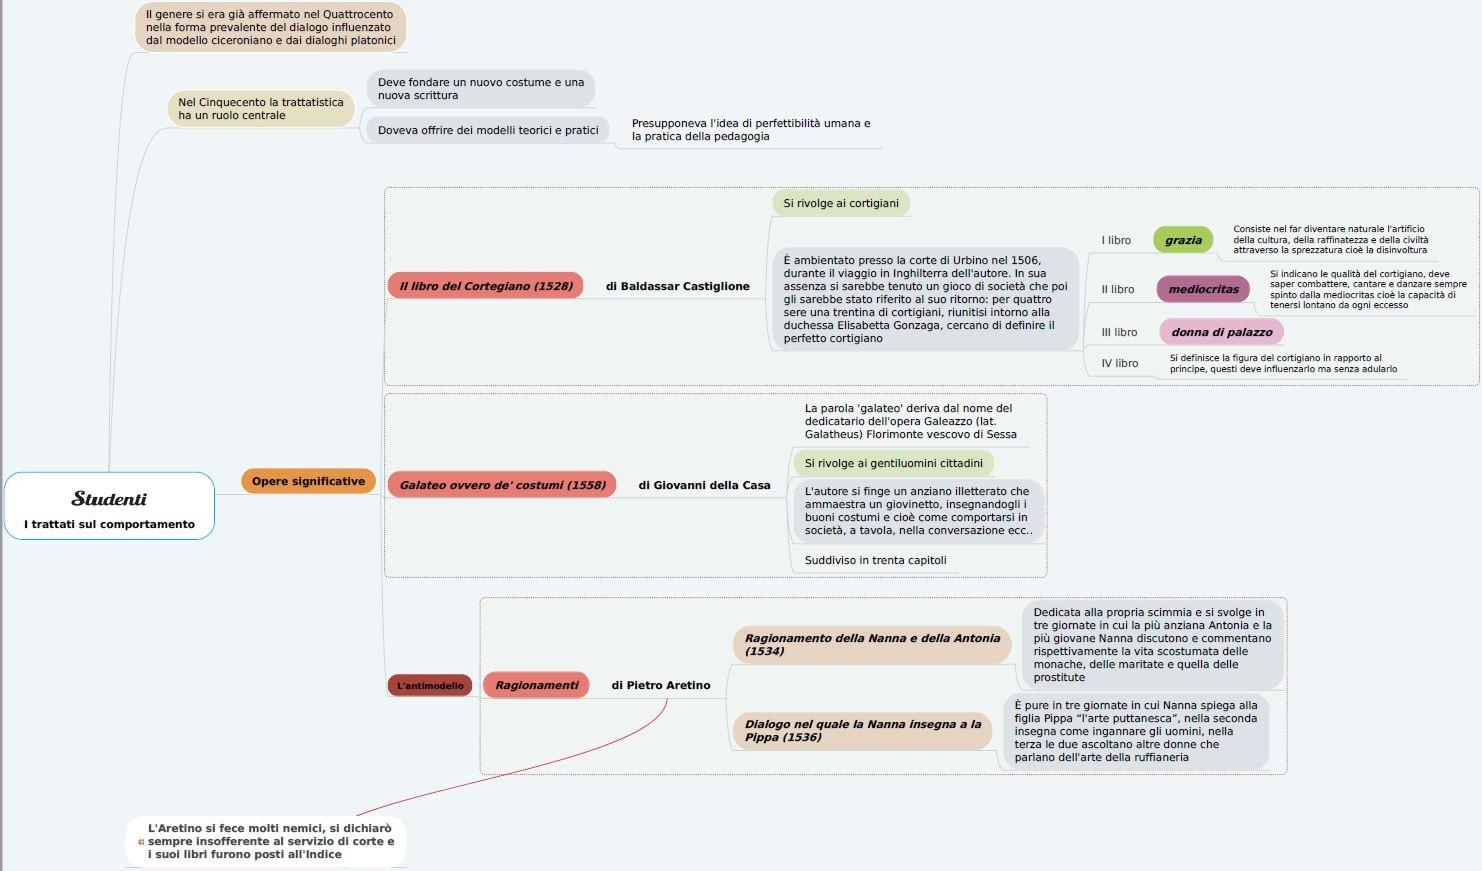 Mappa concettuale sui trattati sul comportamento